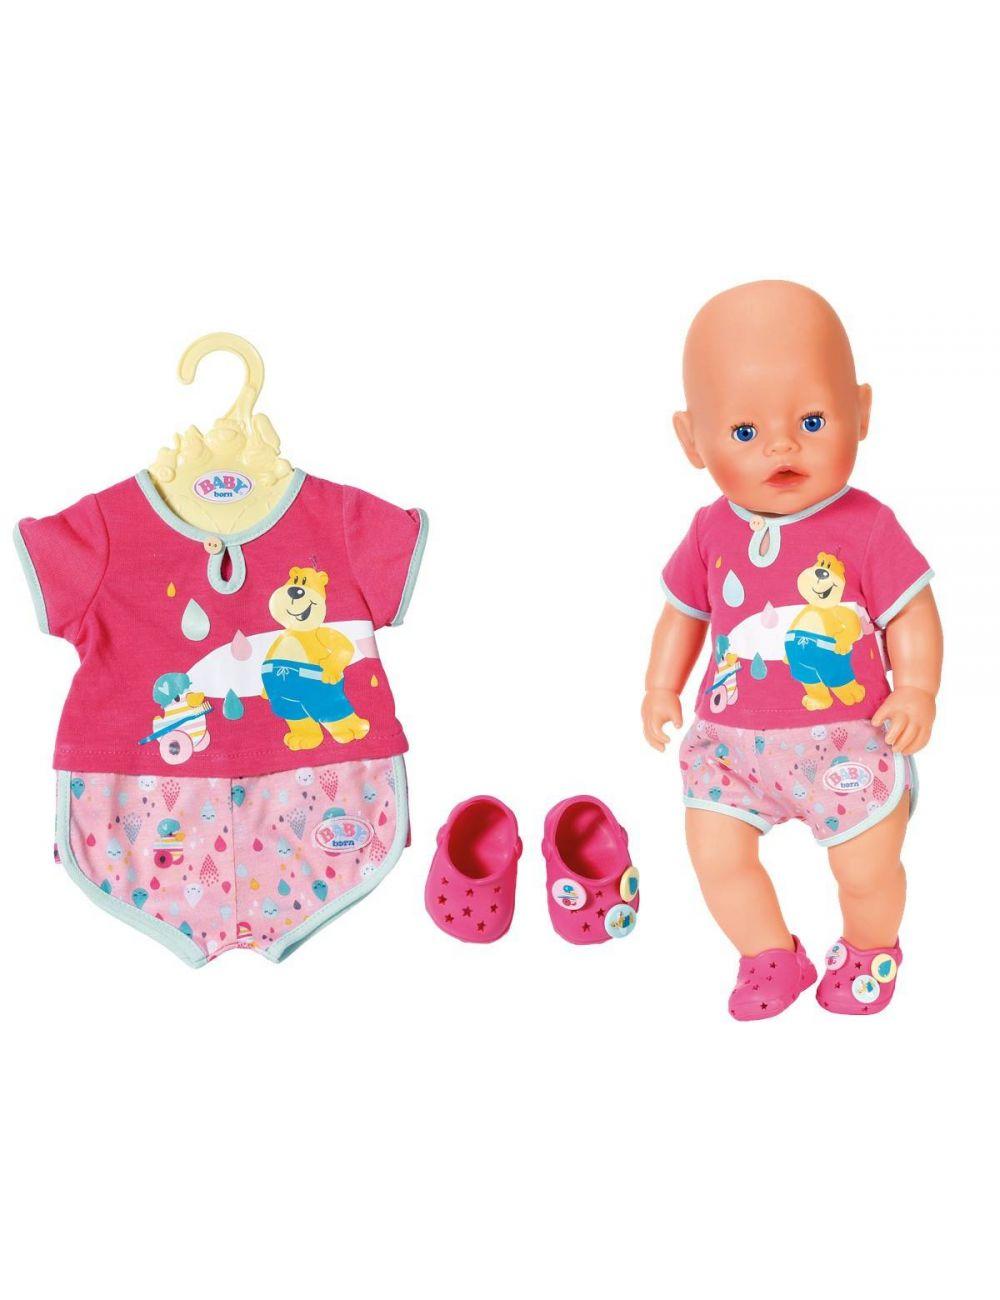 tanie z rabatem Wielka wyprzedaż sklep internetowy Baby Born Piżamka Ubranko Dla Lalki z Bucikami CROCS Zapf Creation